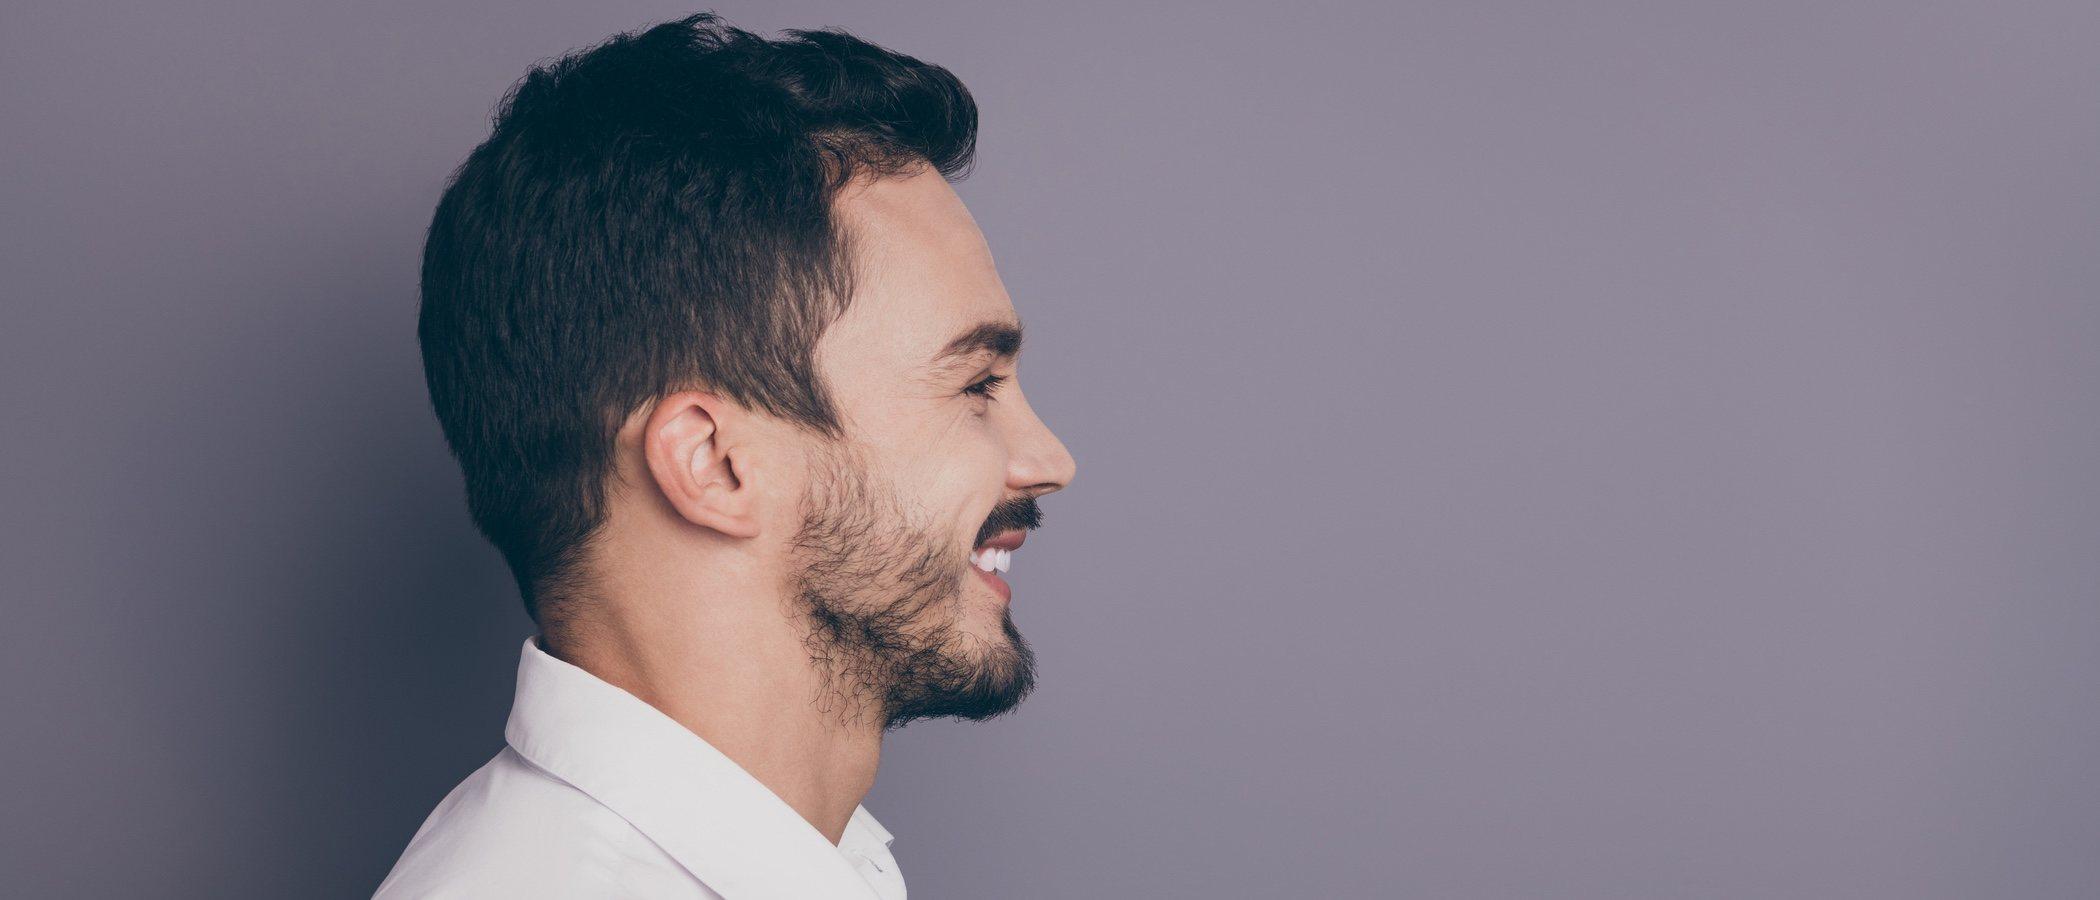 ¿Cómo sé si me queda mal la barba?